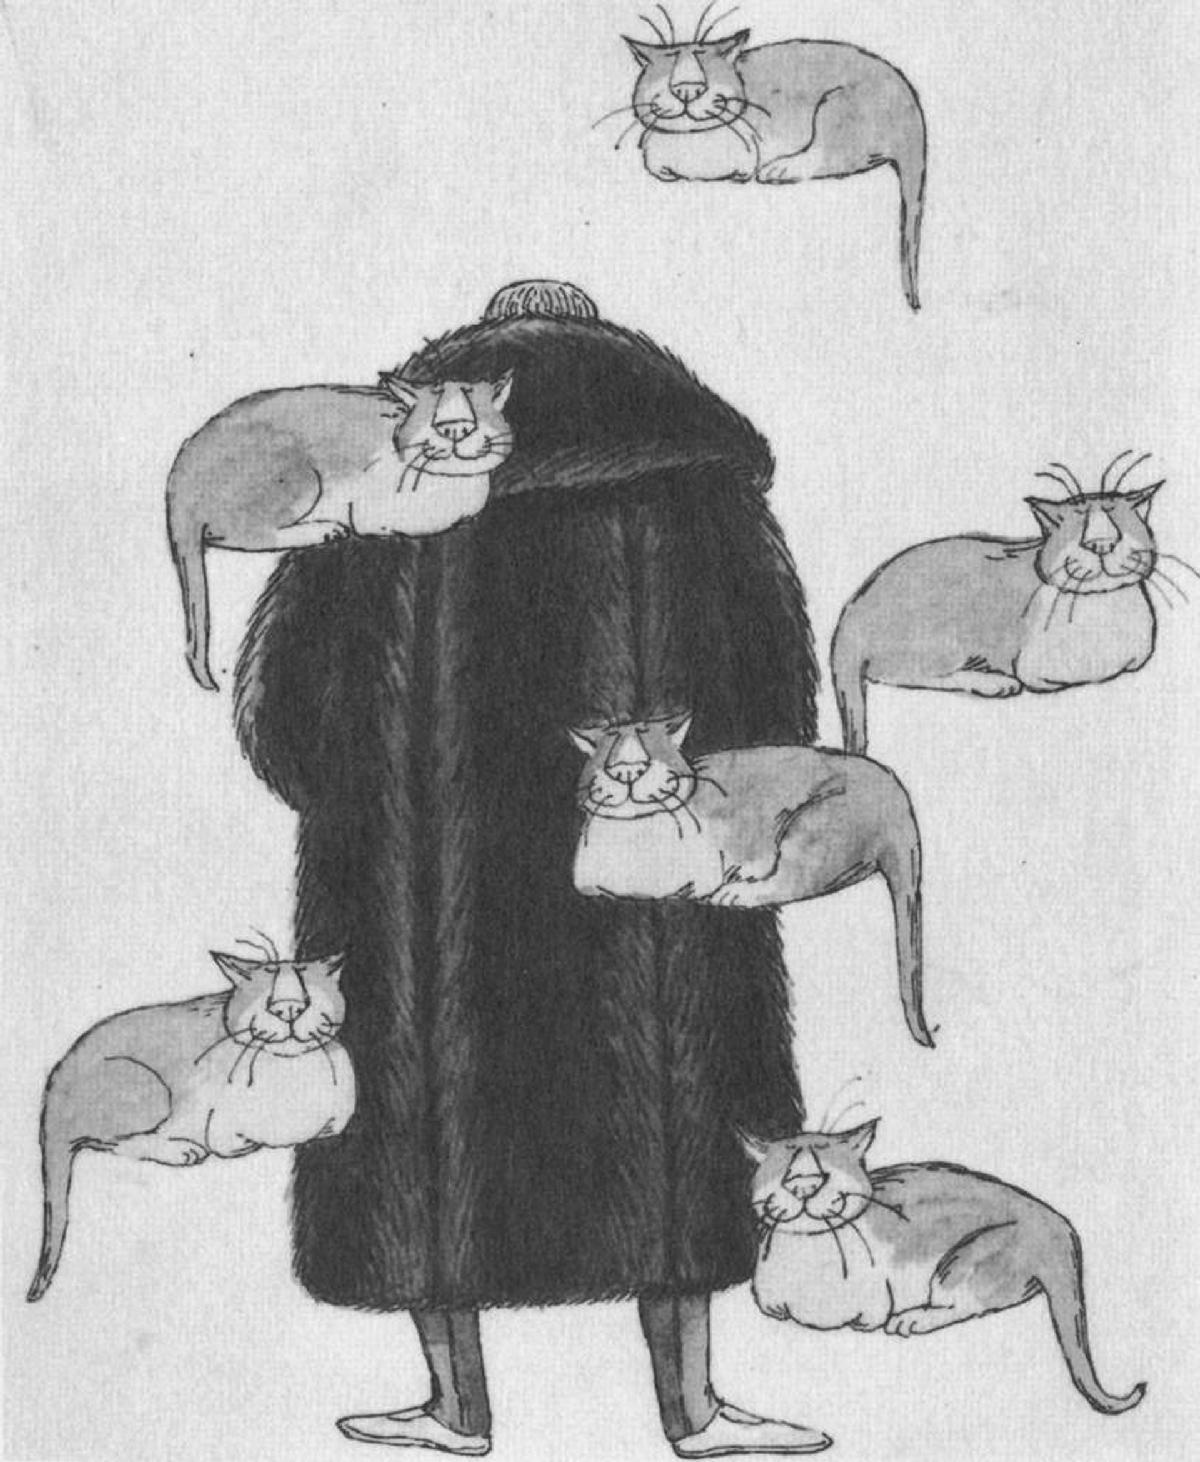 Edward-Gorey-retrato-con-gatos-636458-1200x1462.jpg